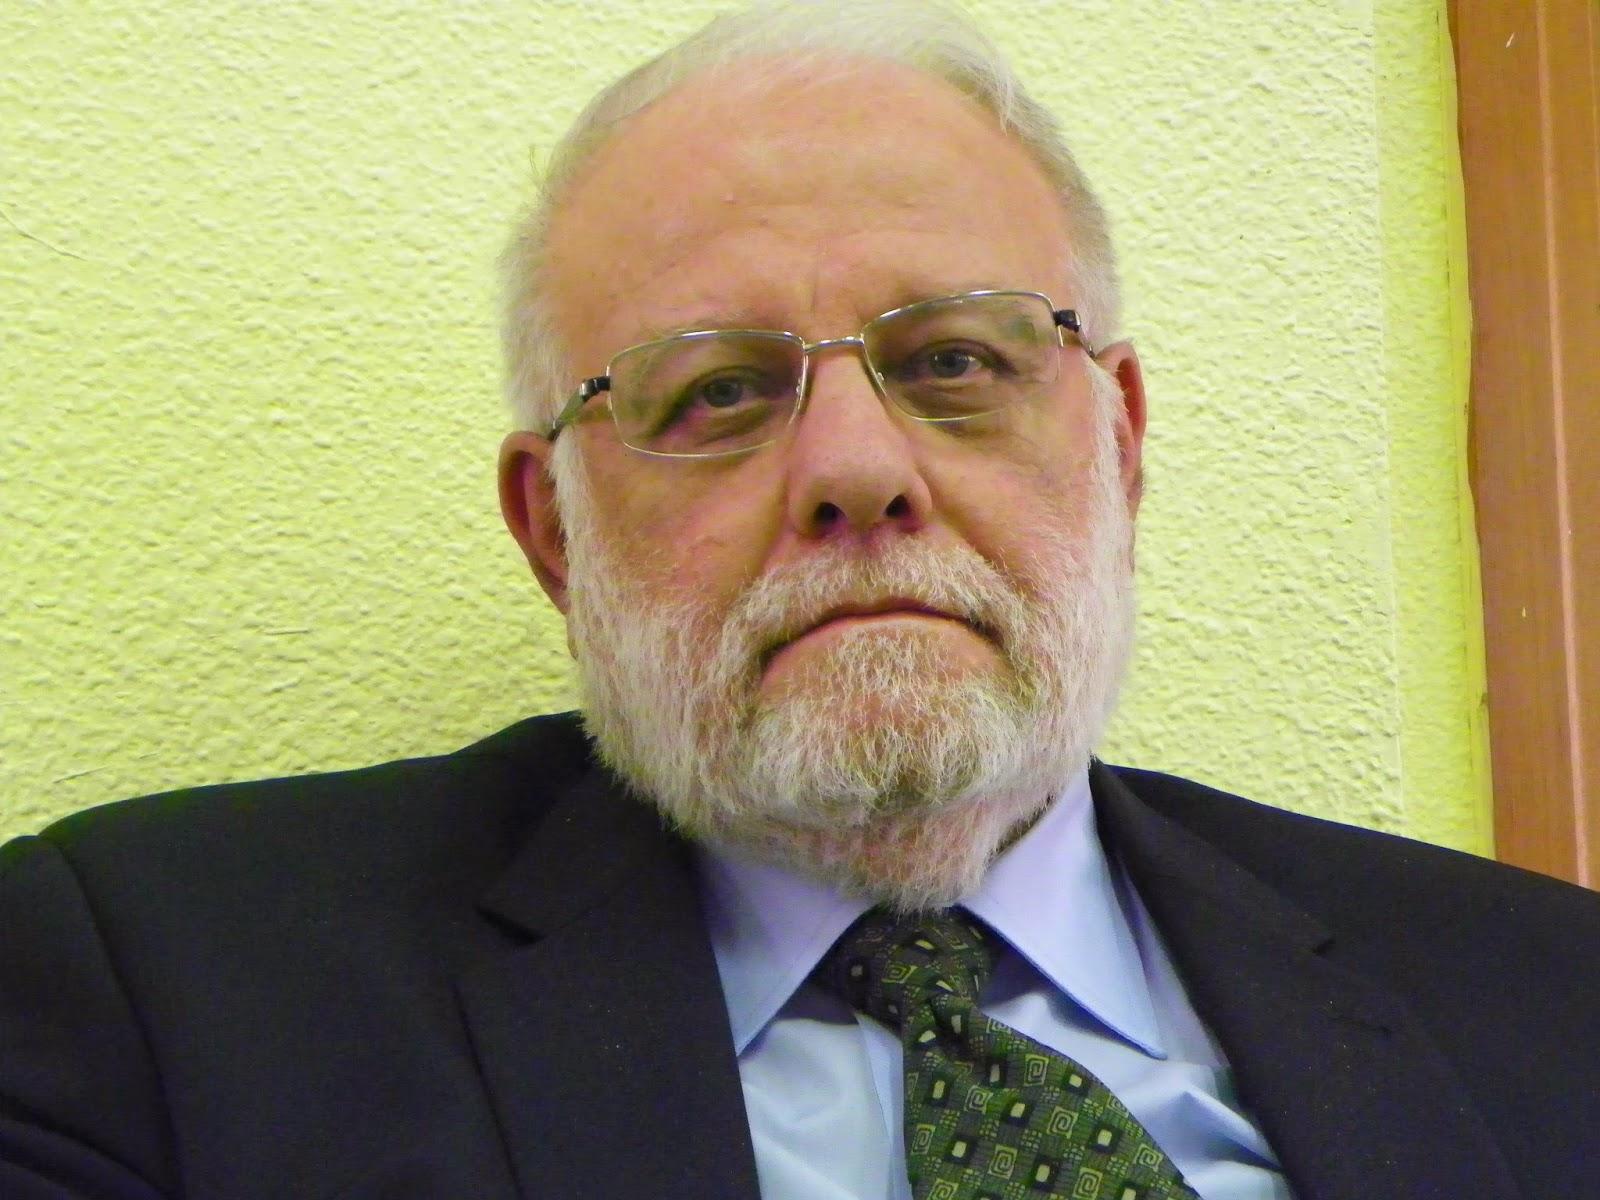 Entrevista al Presidente de UCIDE sobre la Enseñanza Religiosa Islámica